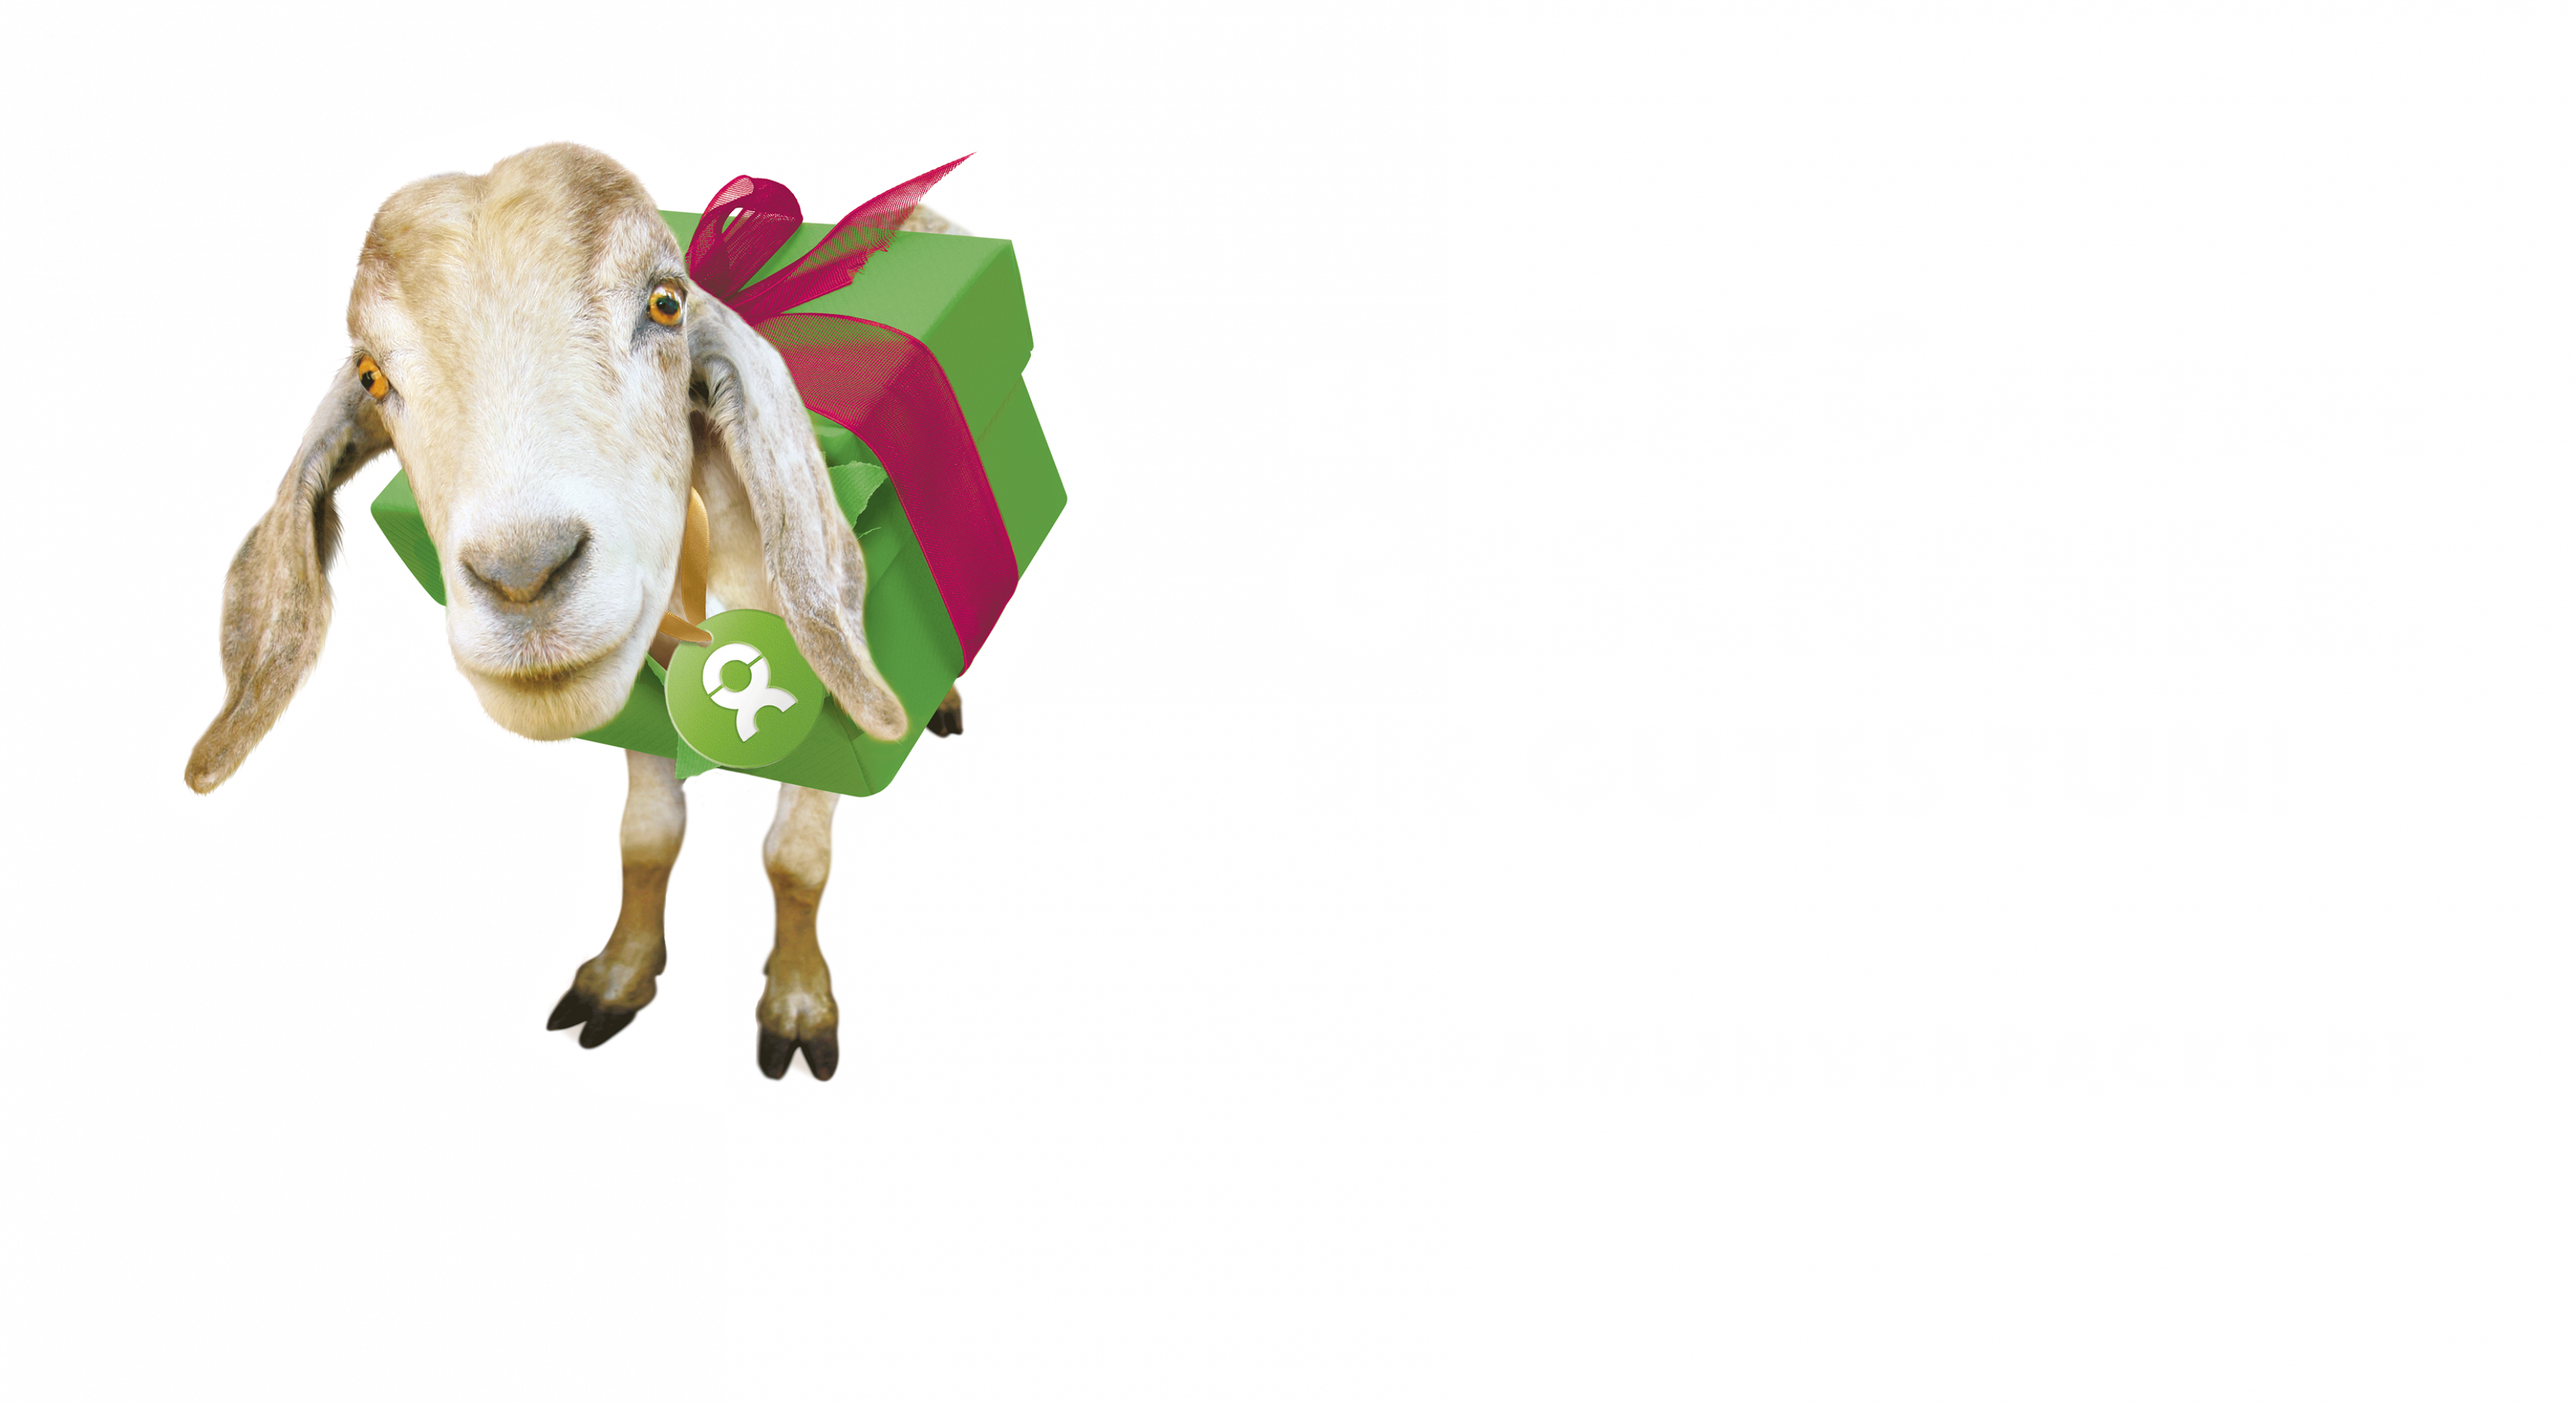 EinZIEGartige Geschenke, die Gutes tun! OxfamUnverpackt.de